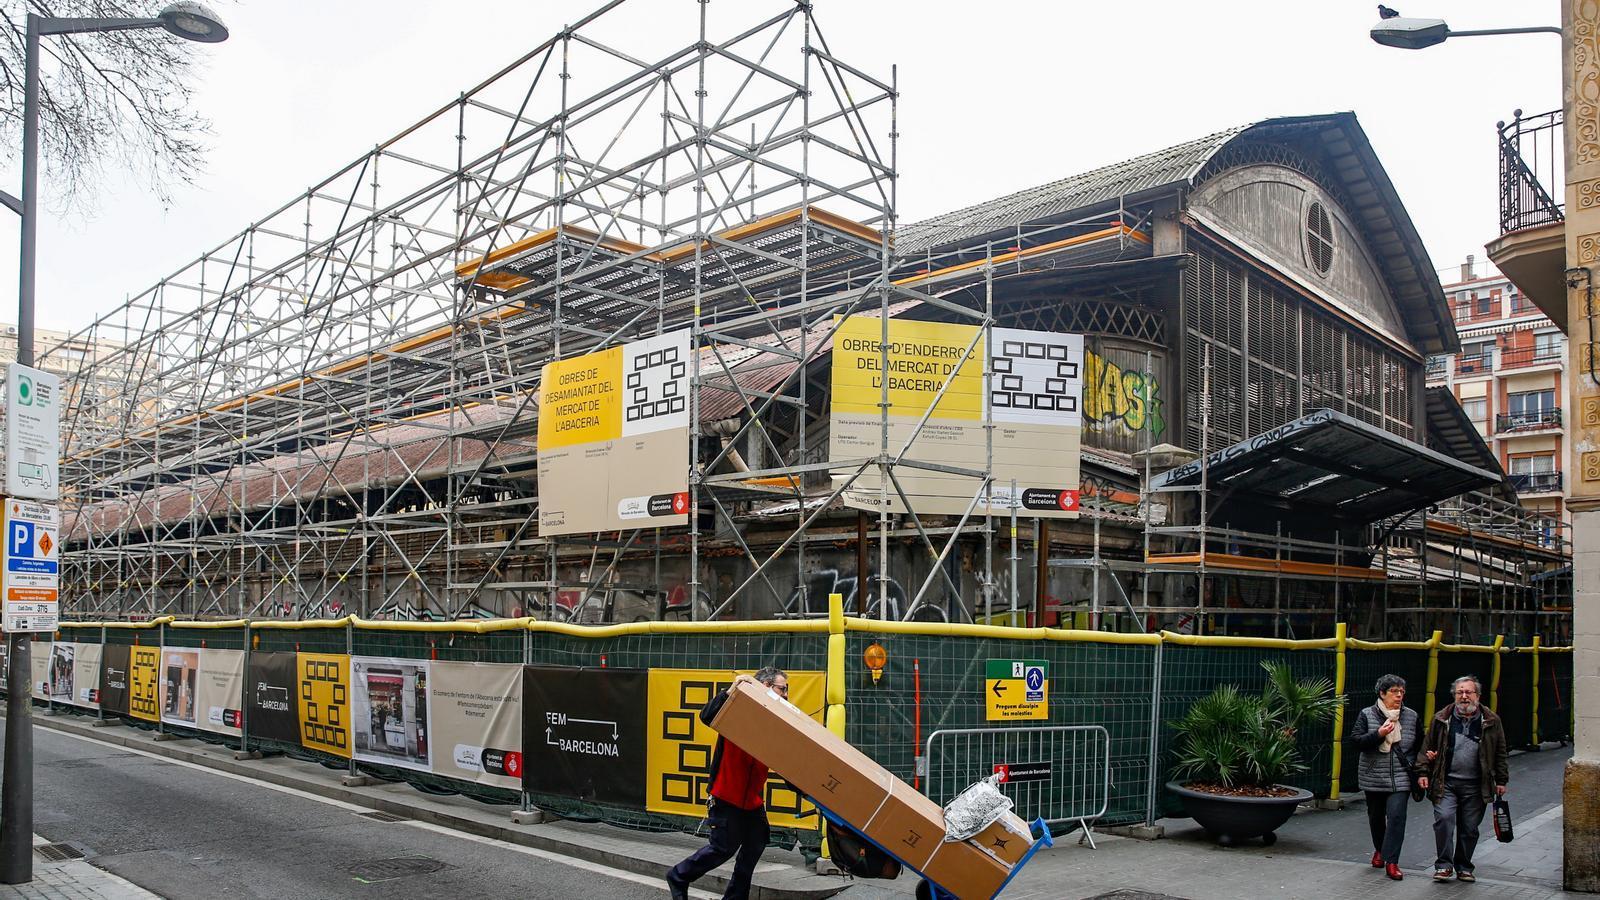 L'estructura instal·lada al Mercat de l'Abaceria per retirar la coberta de fibrociment